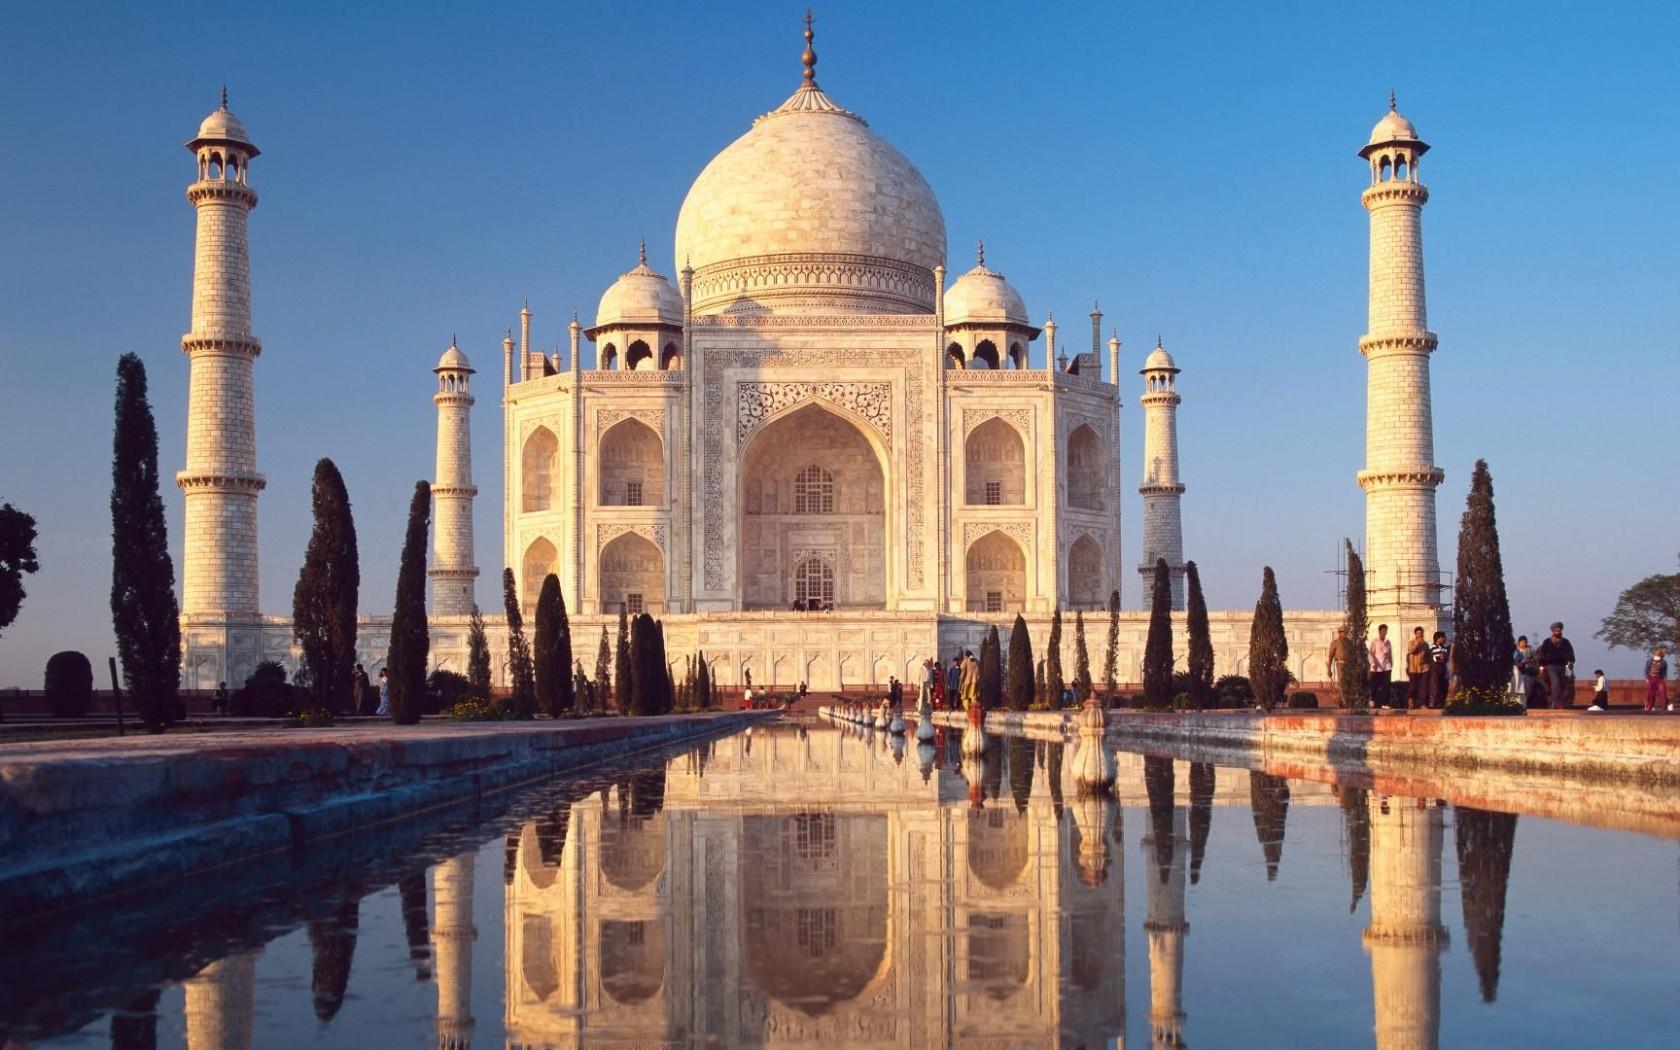 Giờ khởi hành và một số lưu ý chuyến hành hương Ấn Độ ngày 29/11/-12/12/2017